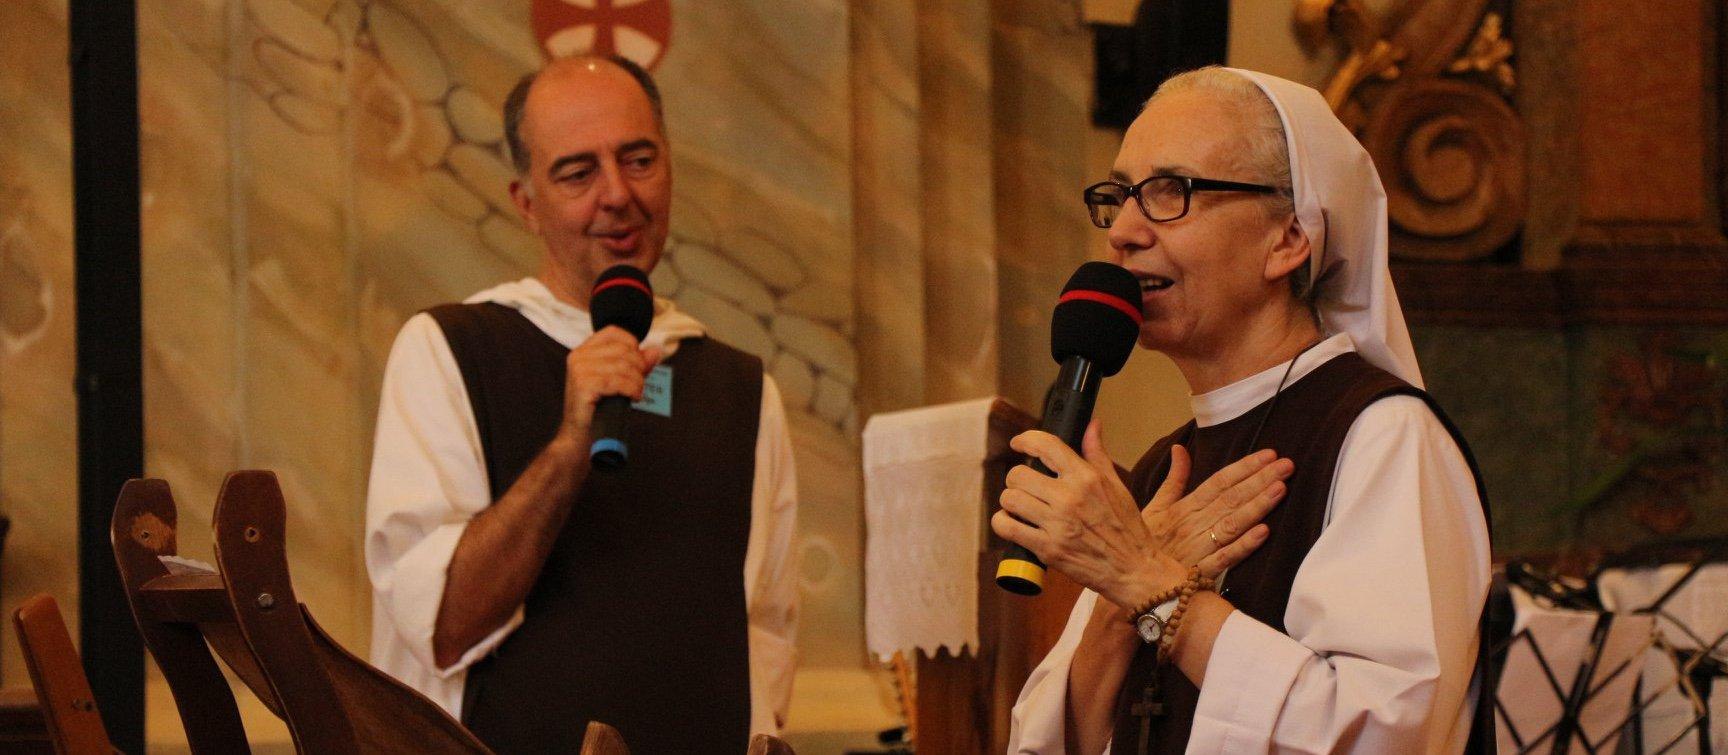 két szerzetes előadás